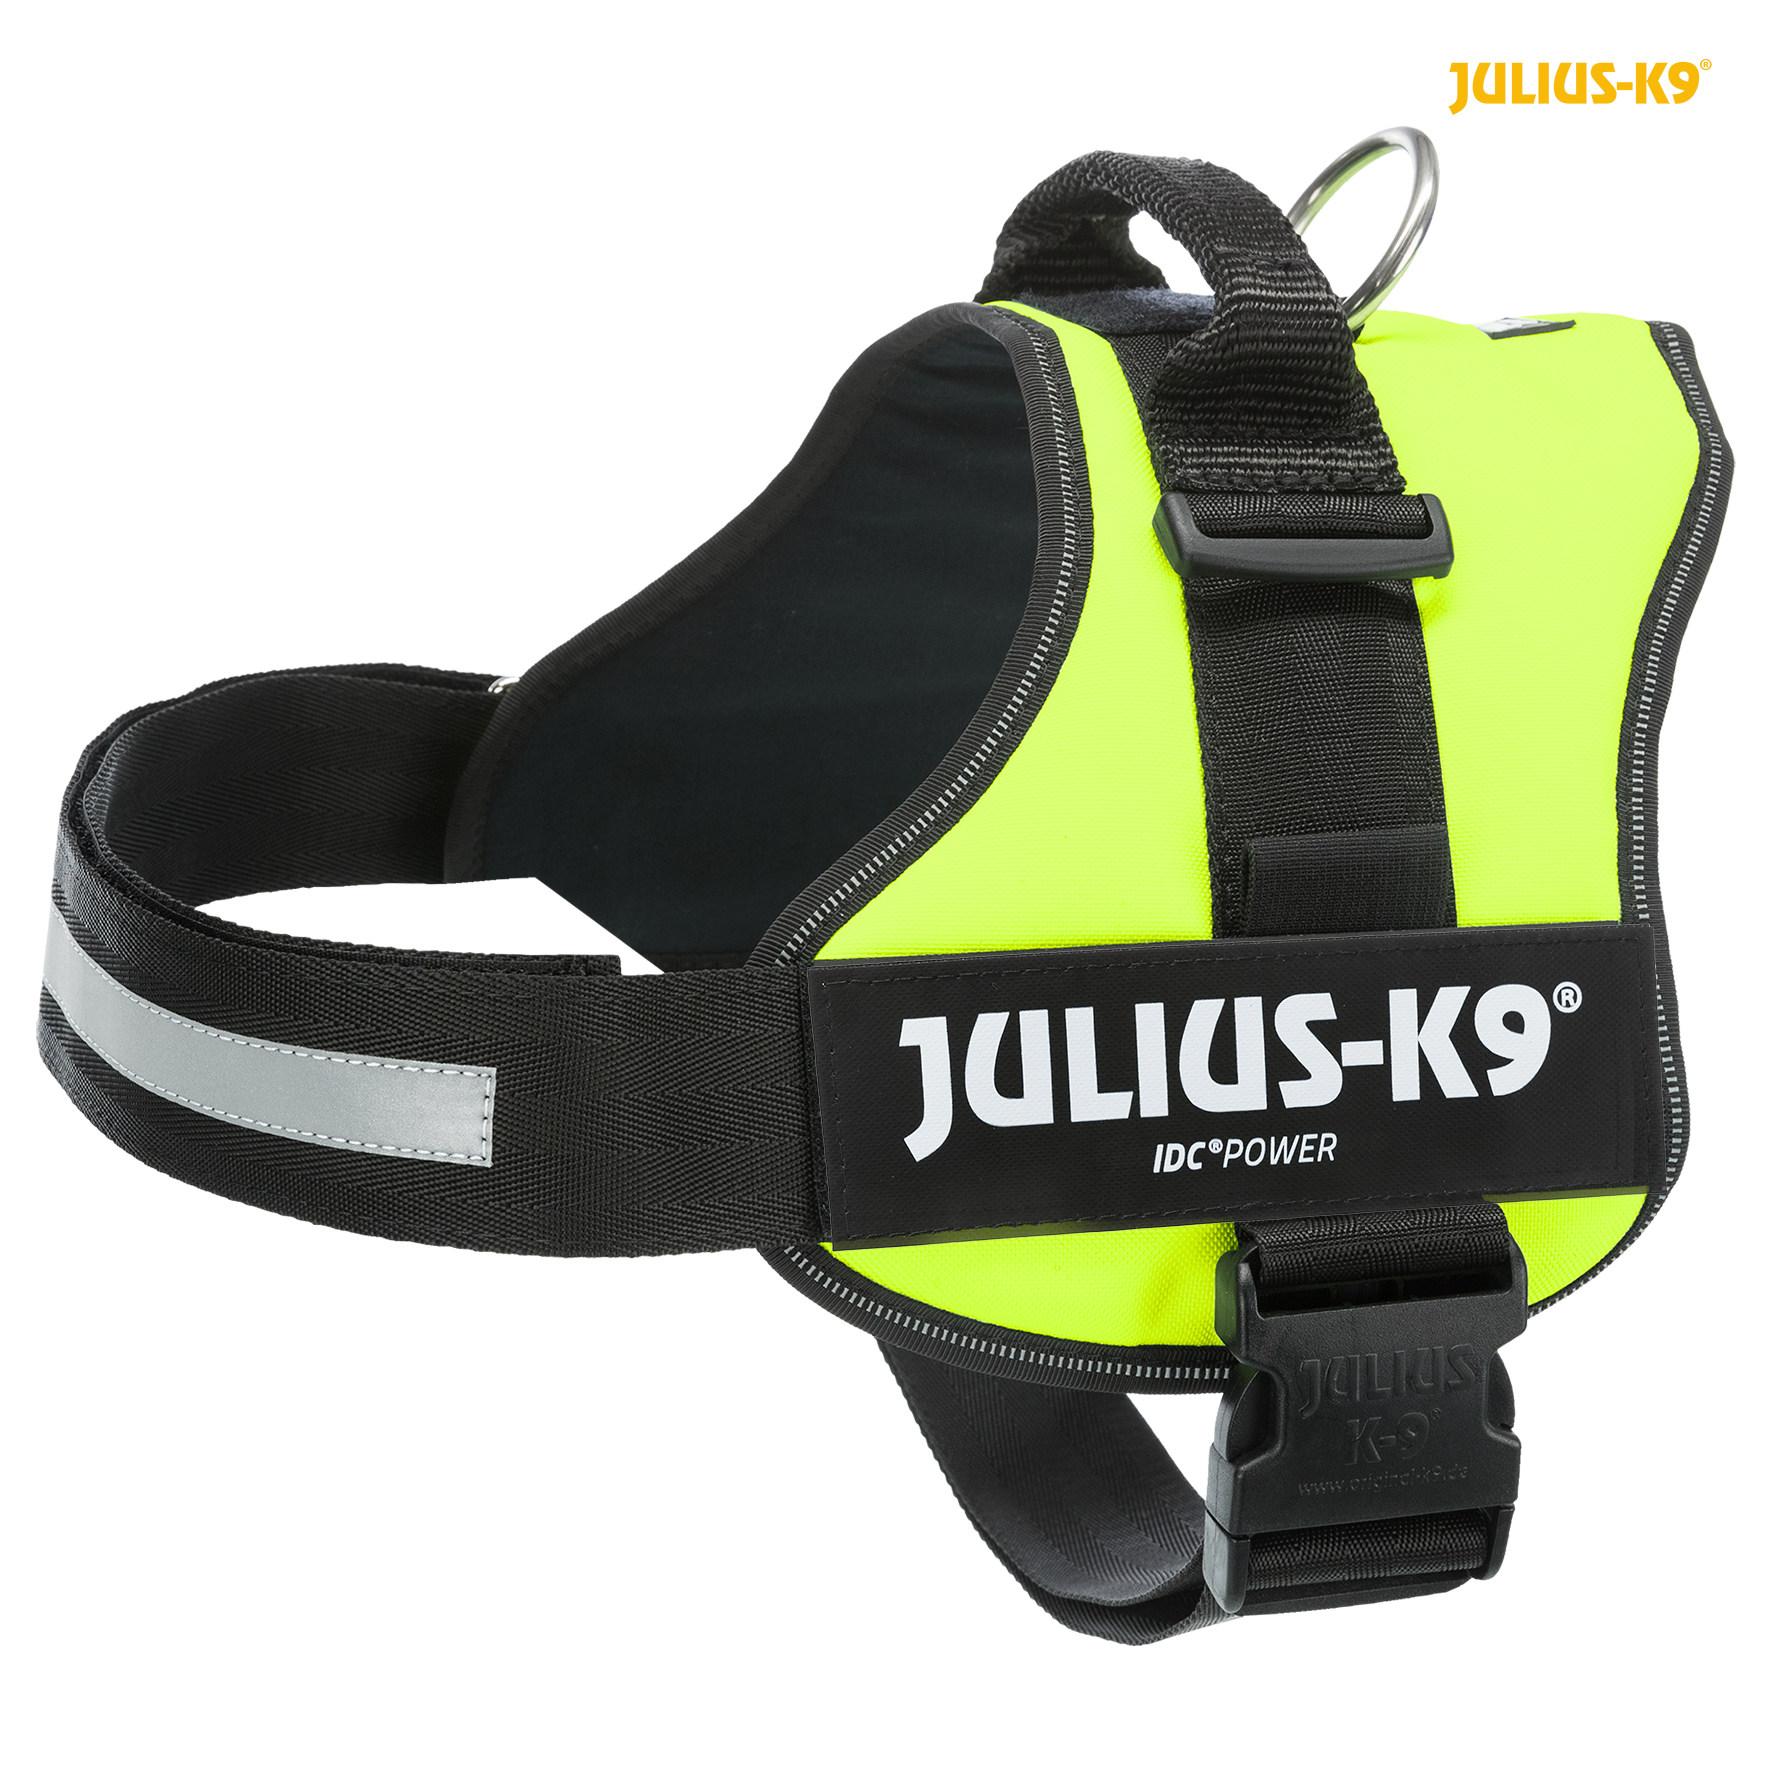 TRIXIE Julius-K9® Powergeschirr® TRIXIE K9®Powergeschirr®, 2XL/3: 82–116 cm/50 mm, neongrün